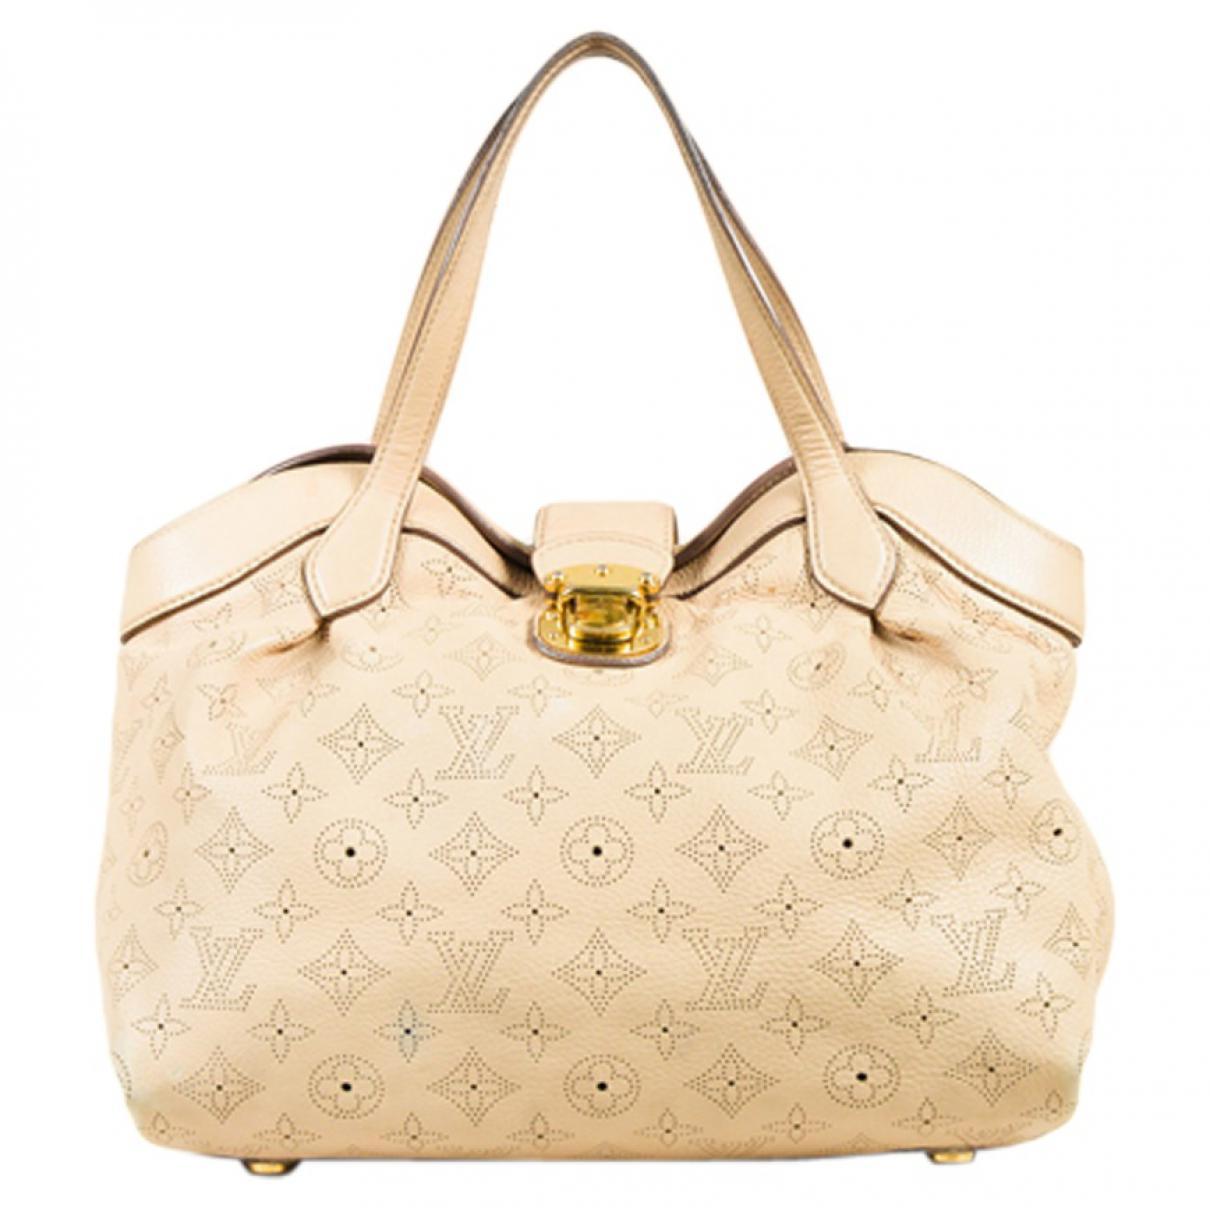 04ea9f1fcd Louis Vuitton. Sac à main Mahina en cuir femme de coloris neutre